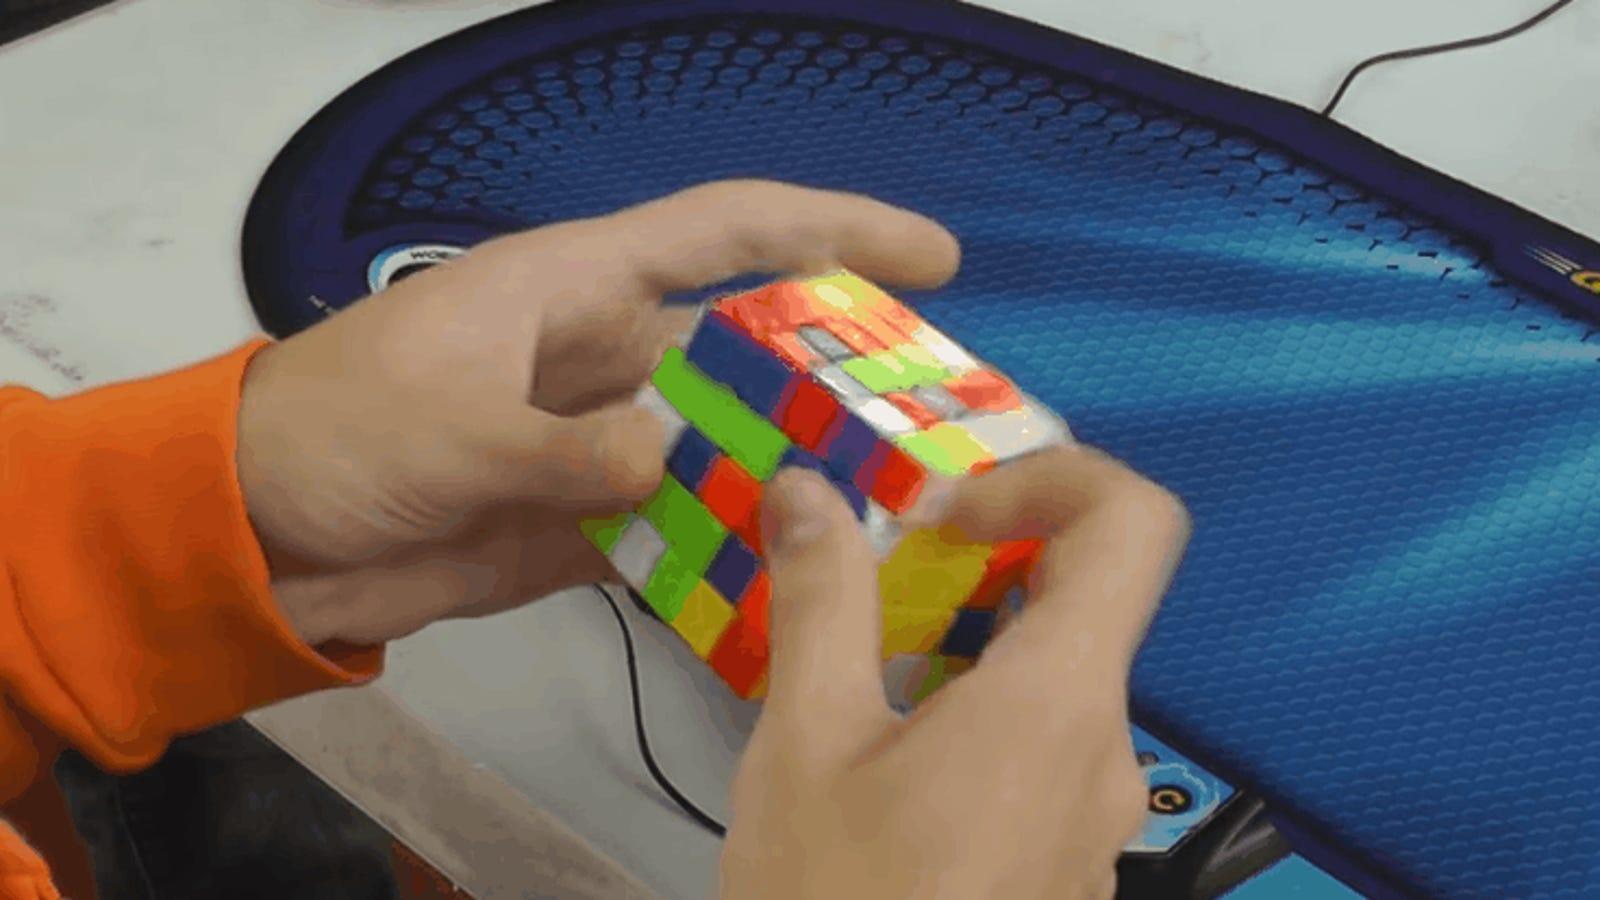 Logra resolver uno de los cubos de Rubik más difíciles que existen en apenas 44 segundos